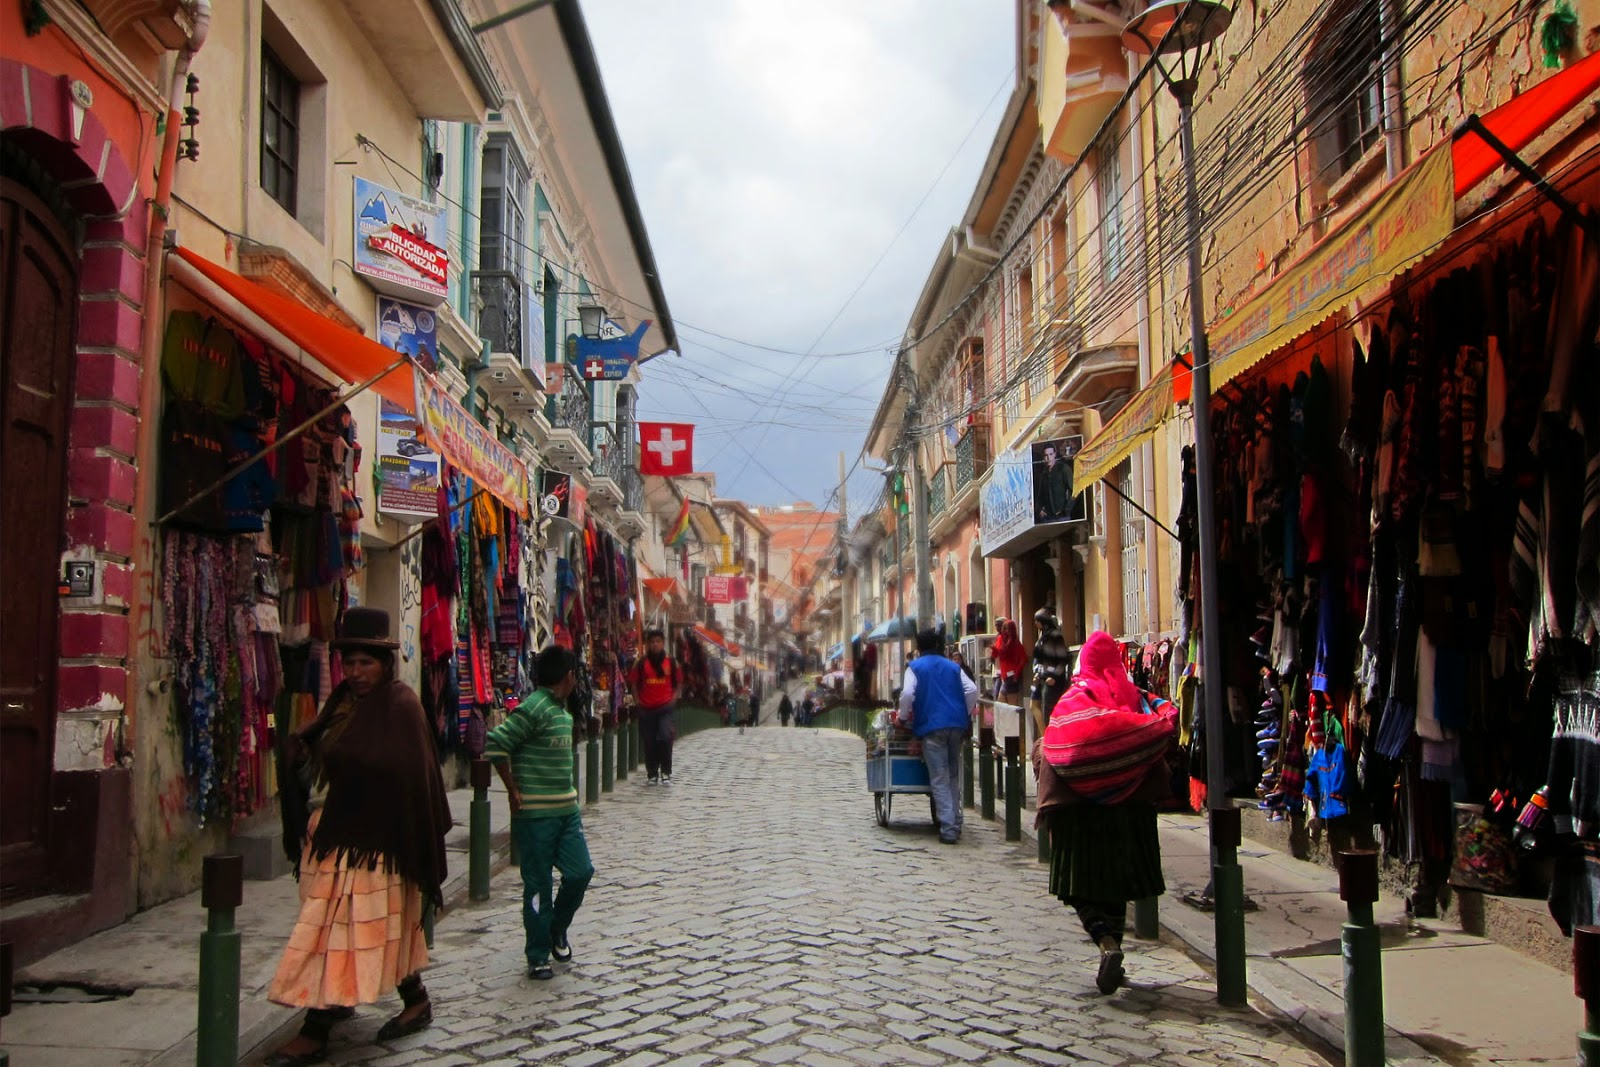 La Paz, Bolivia 2014